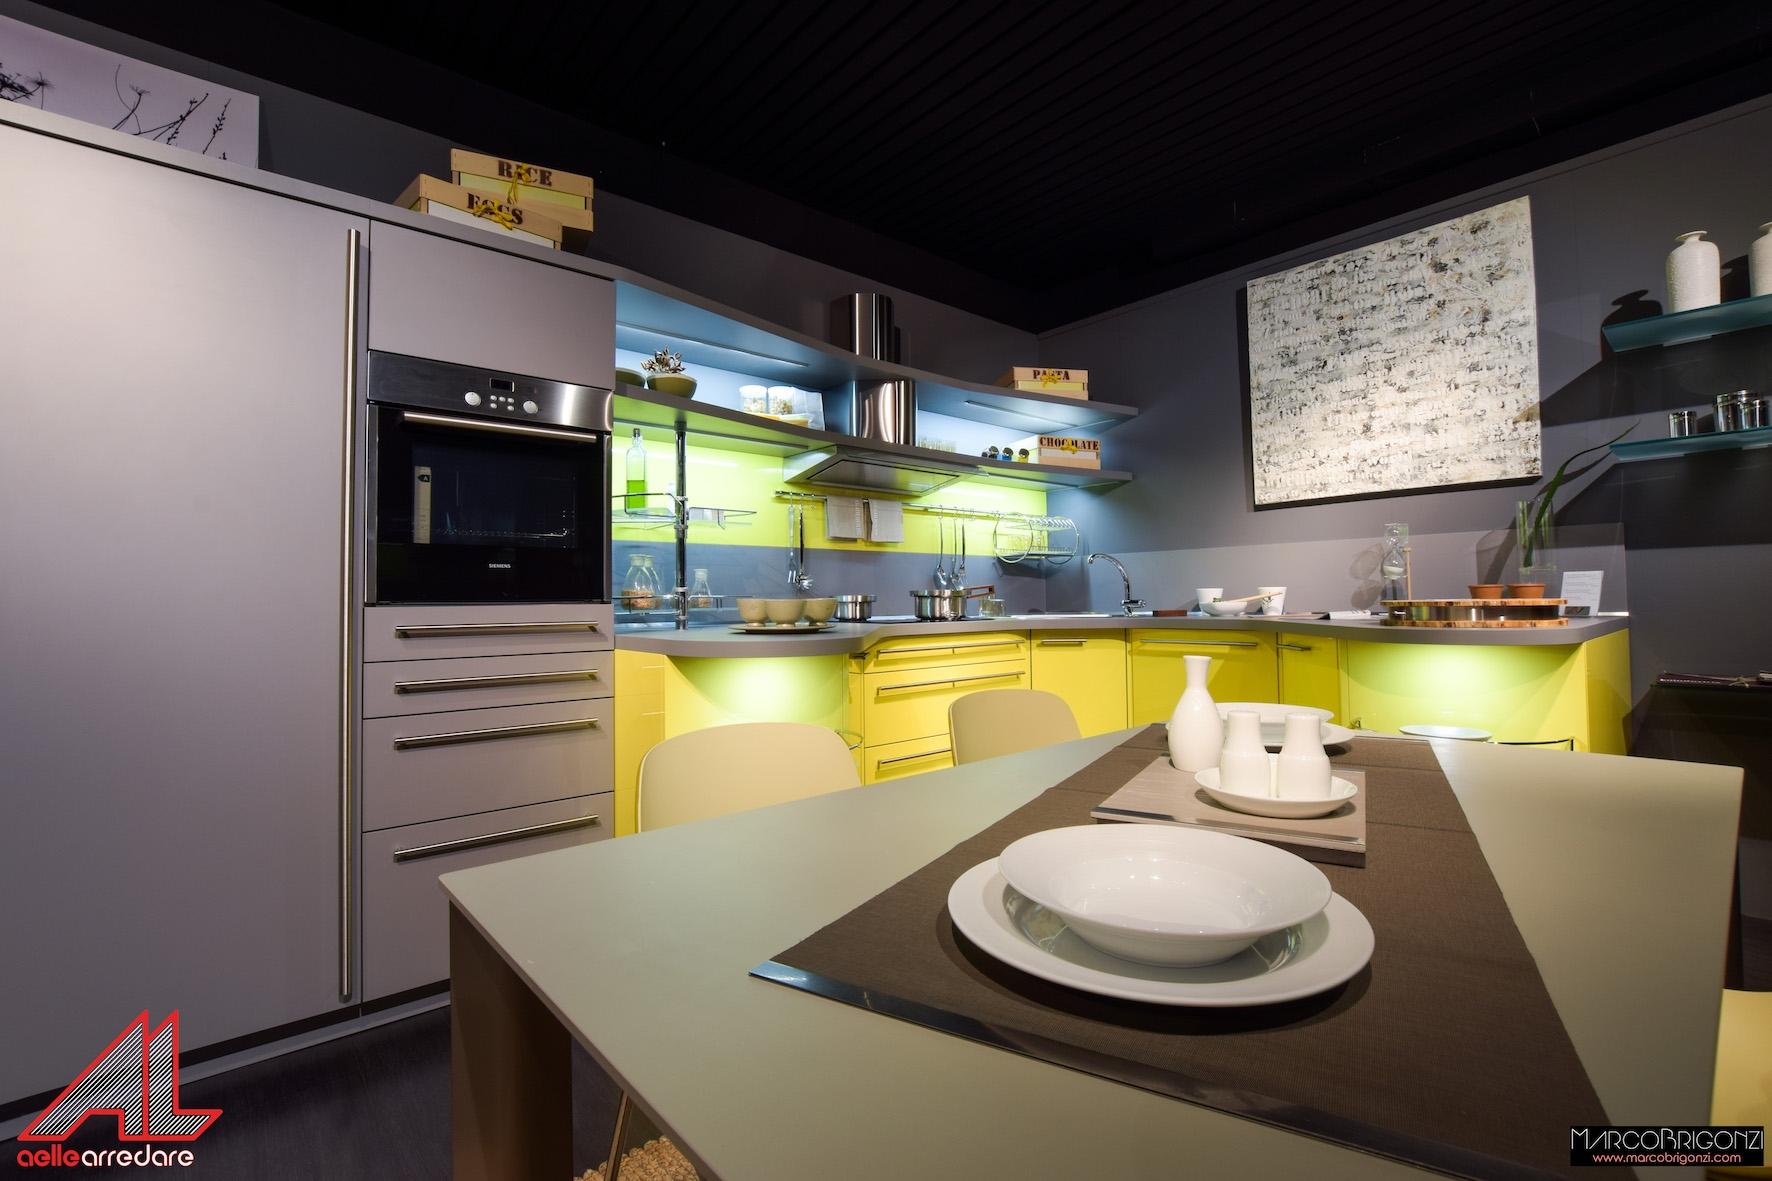 Cucina skyline 2 0 di snaidero in offerta cucine a prezzi scontati - Cucina skyline snaidero prezzi ...